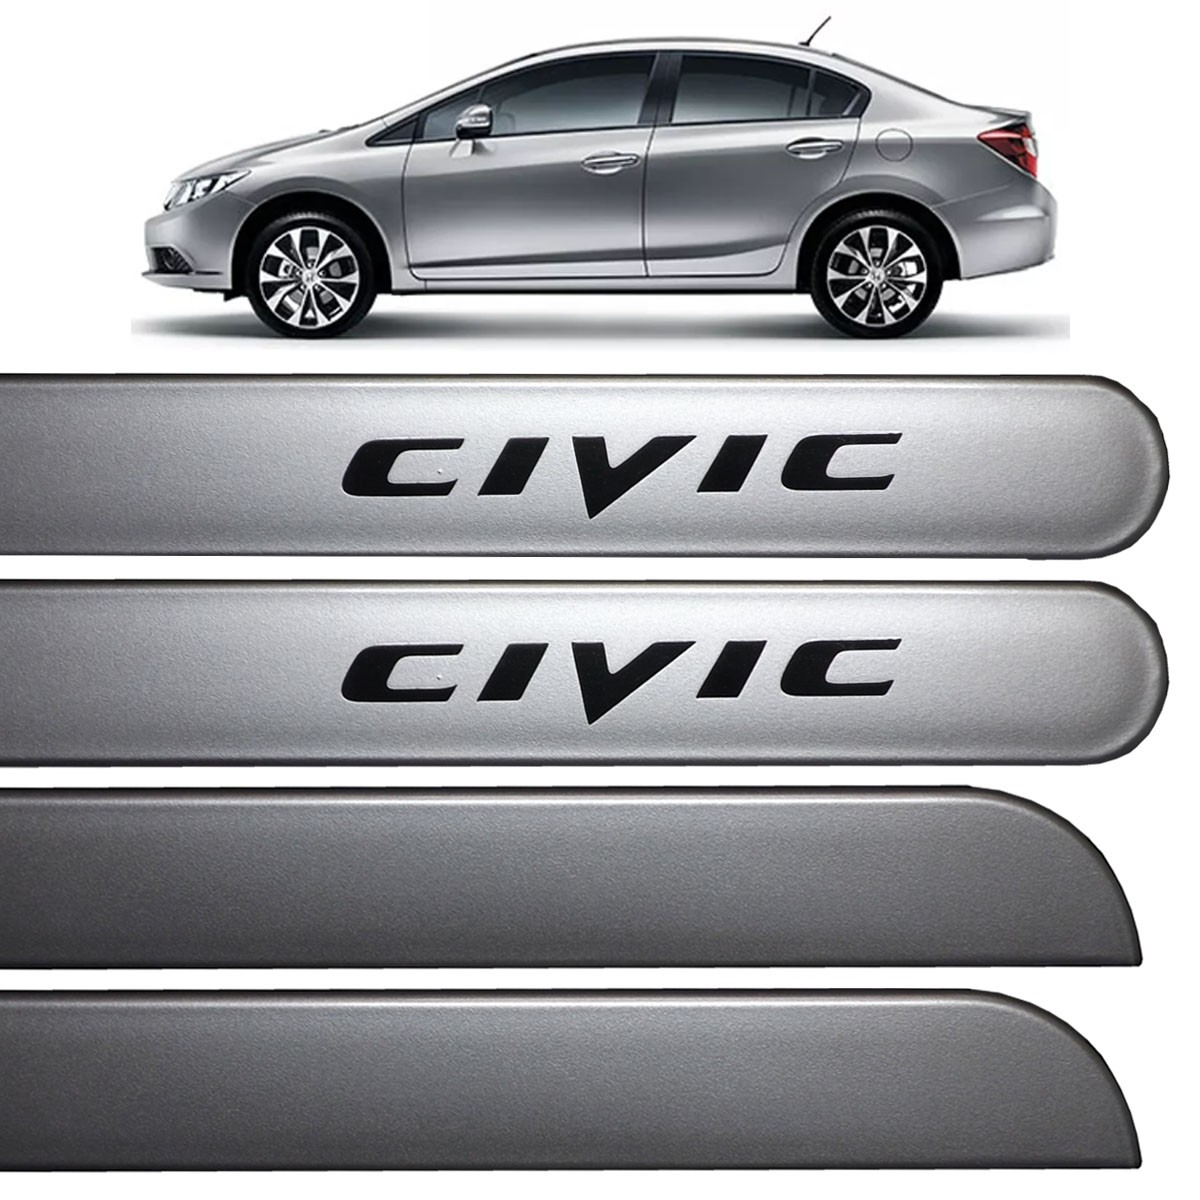 Jogo Friso Lateral New Civic 2012 até 2017 Prata Global